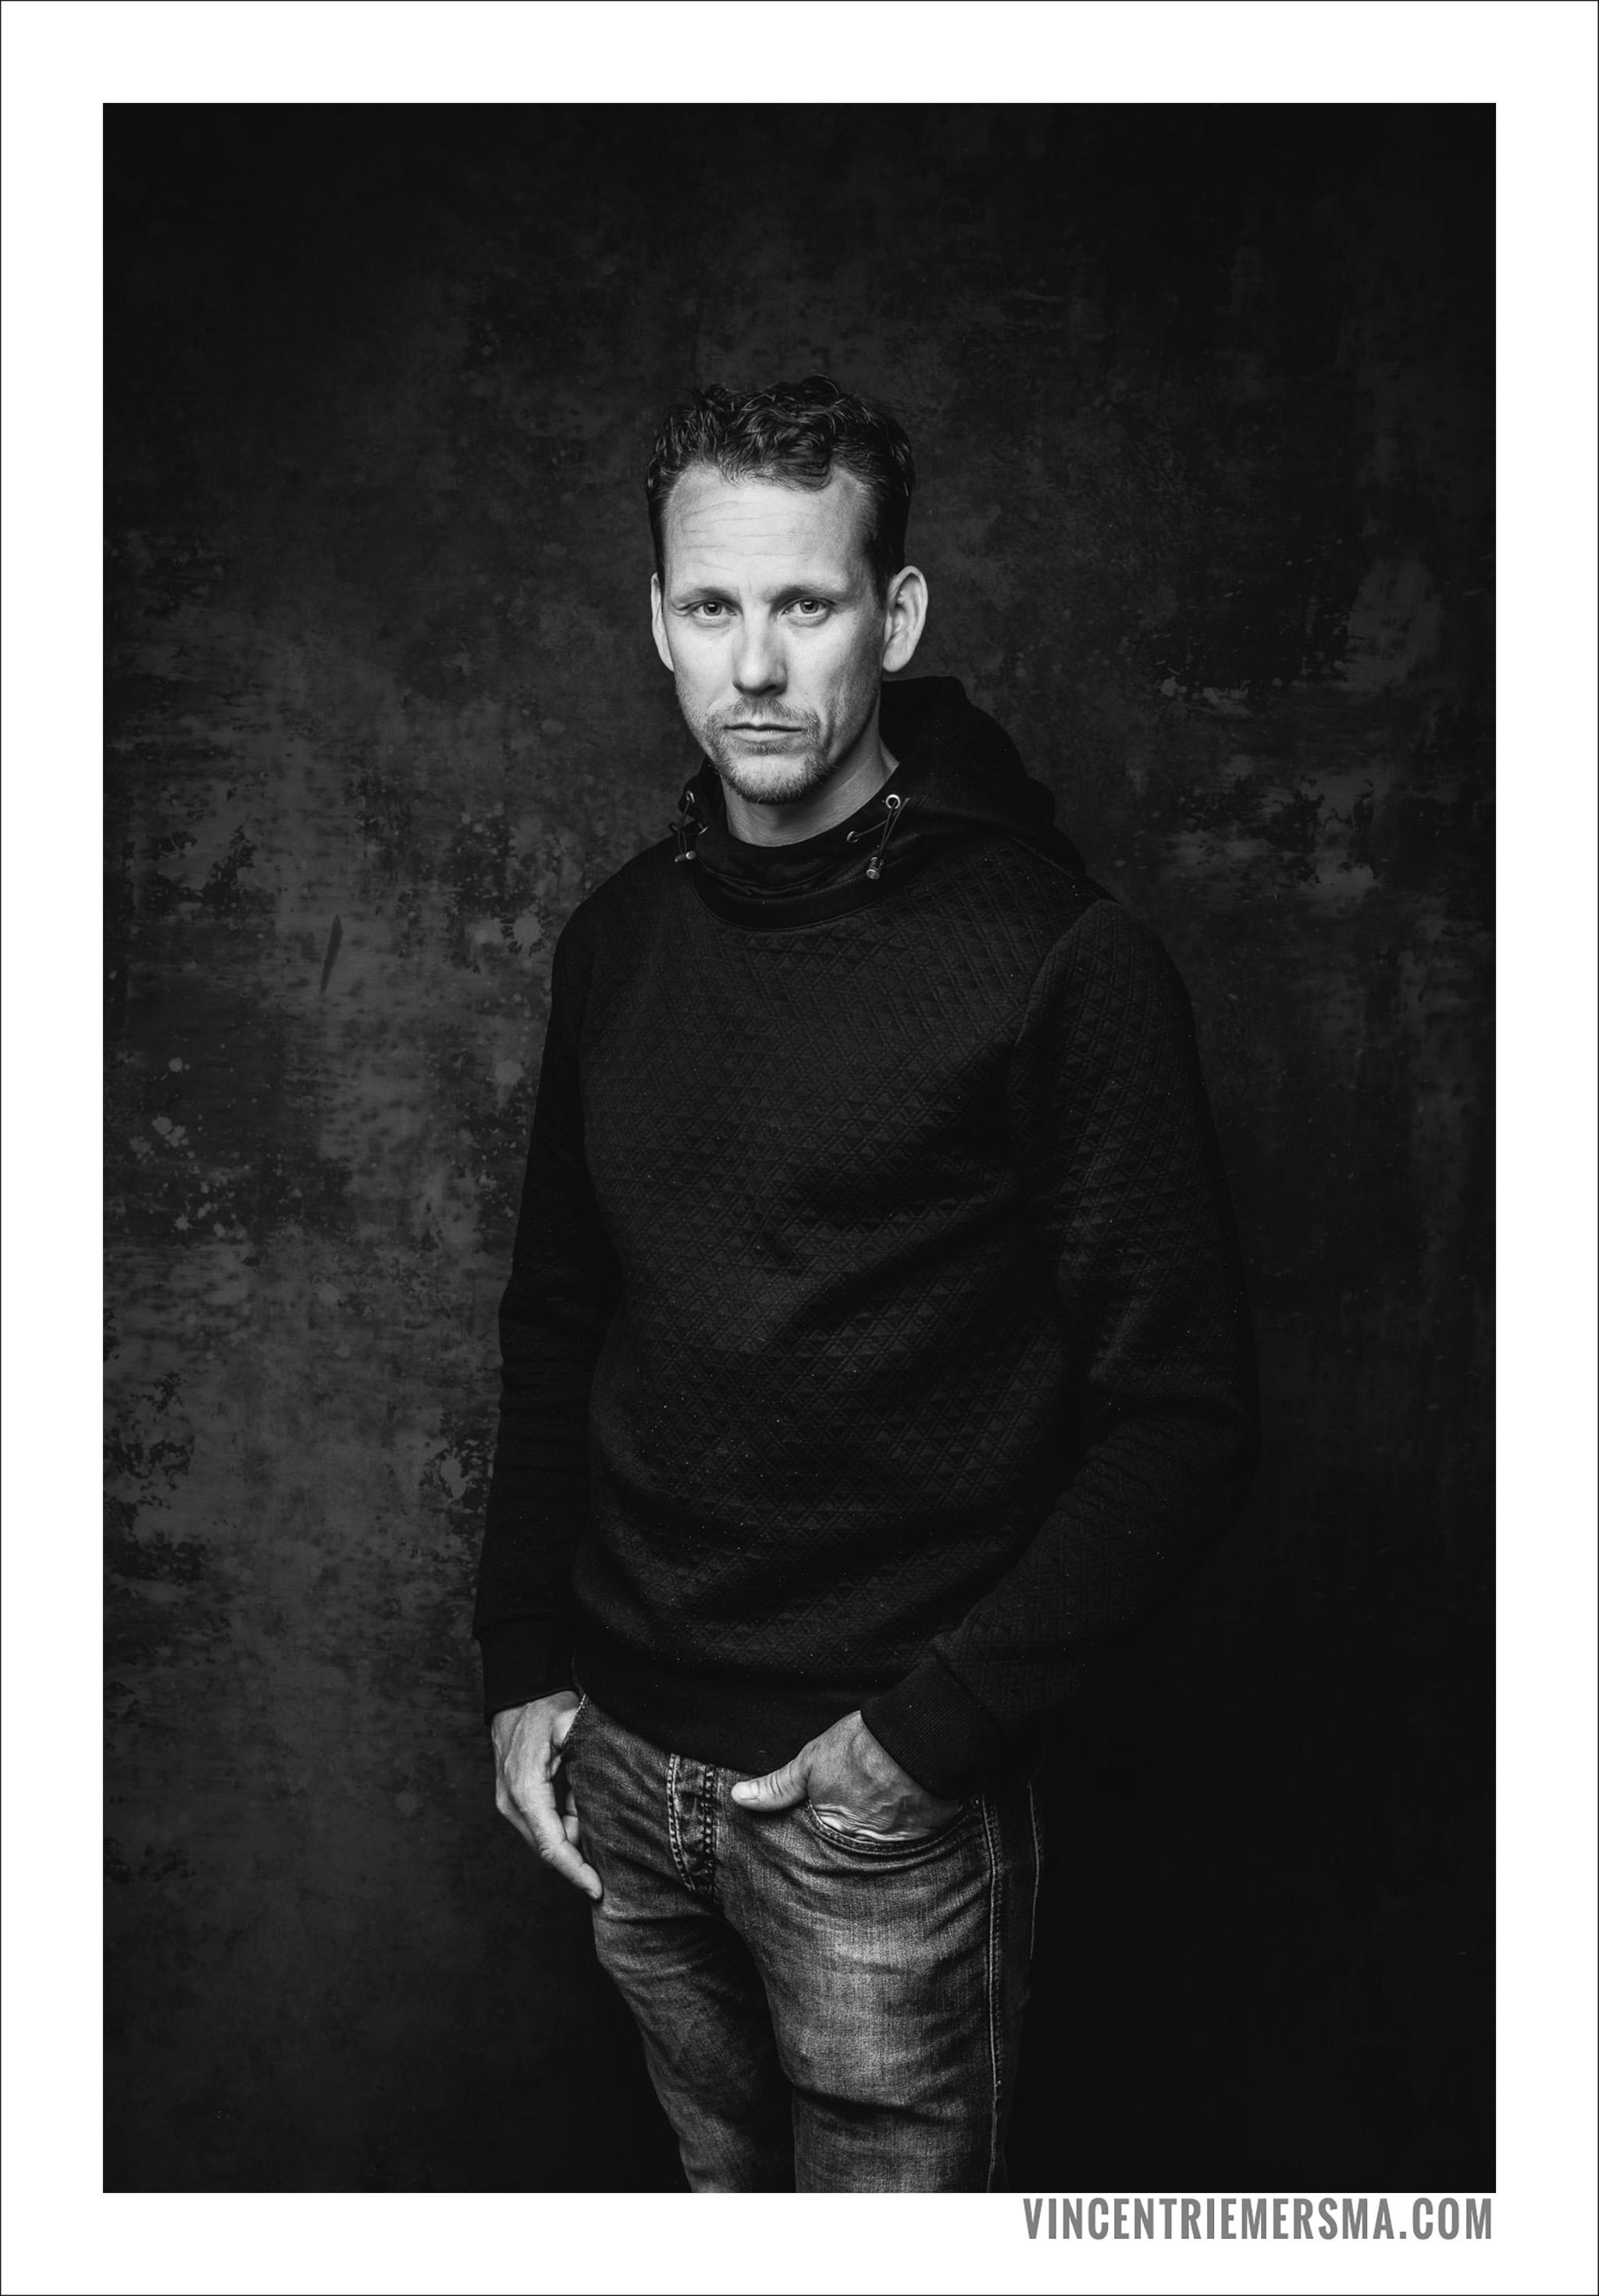 Stefan Groothuis